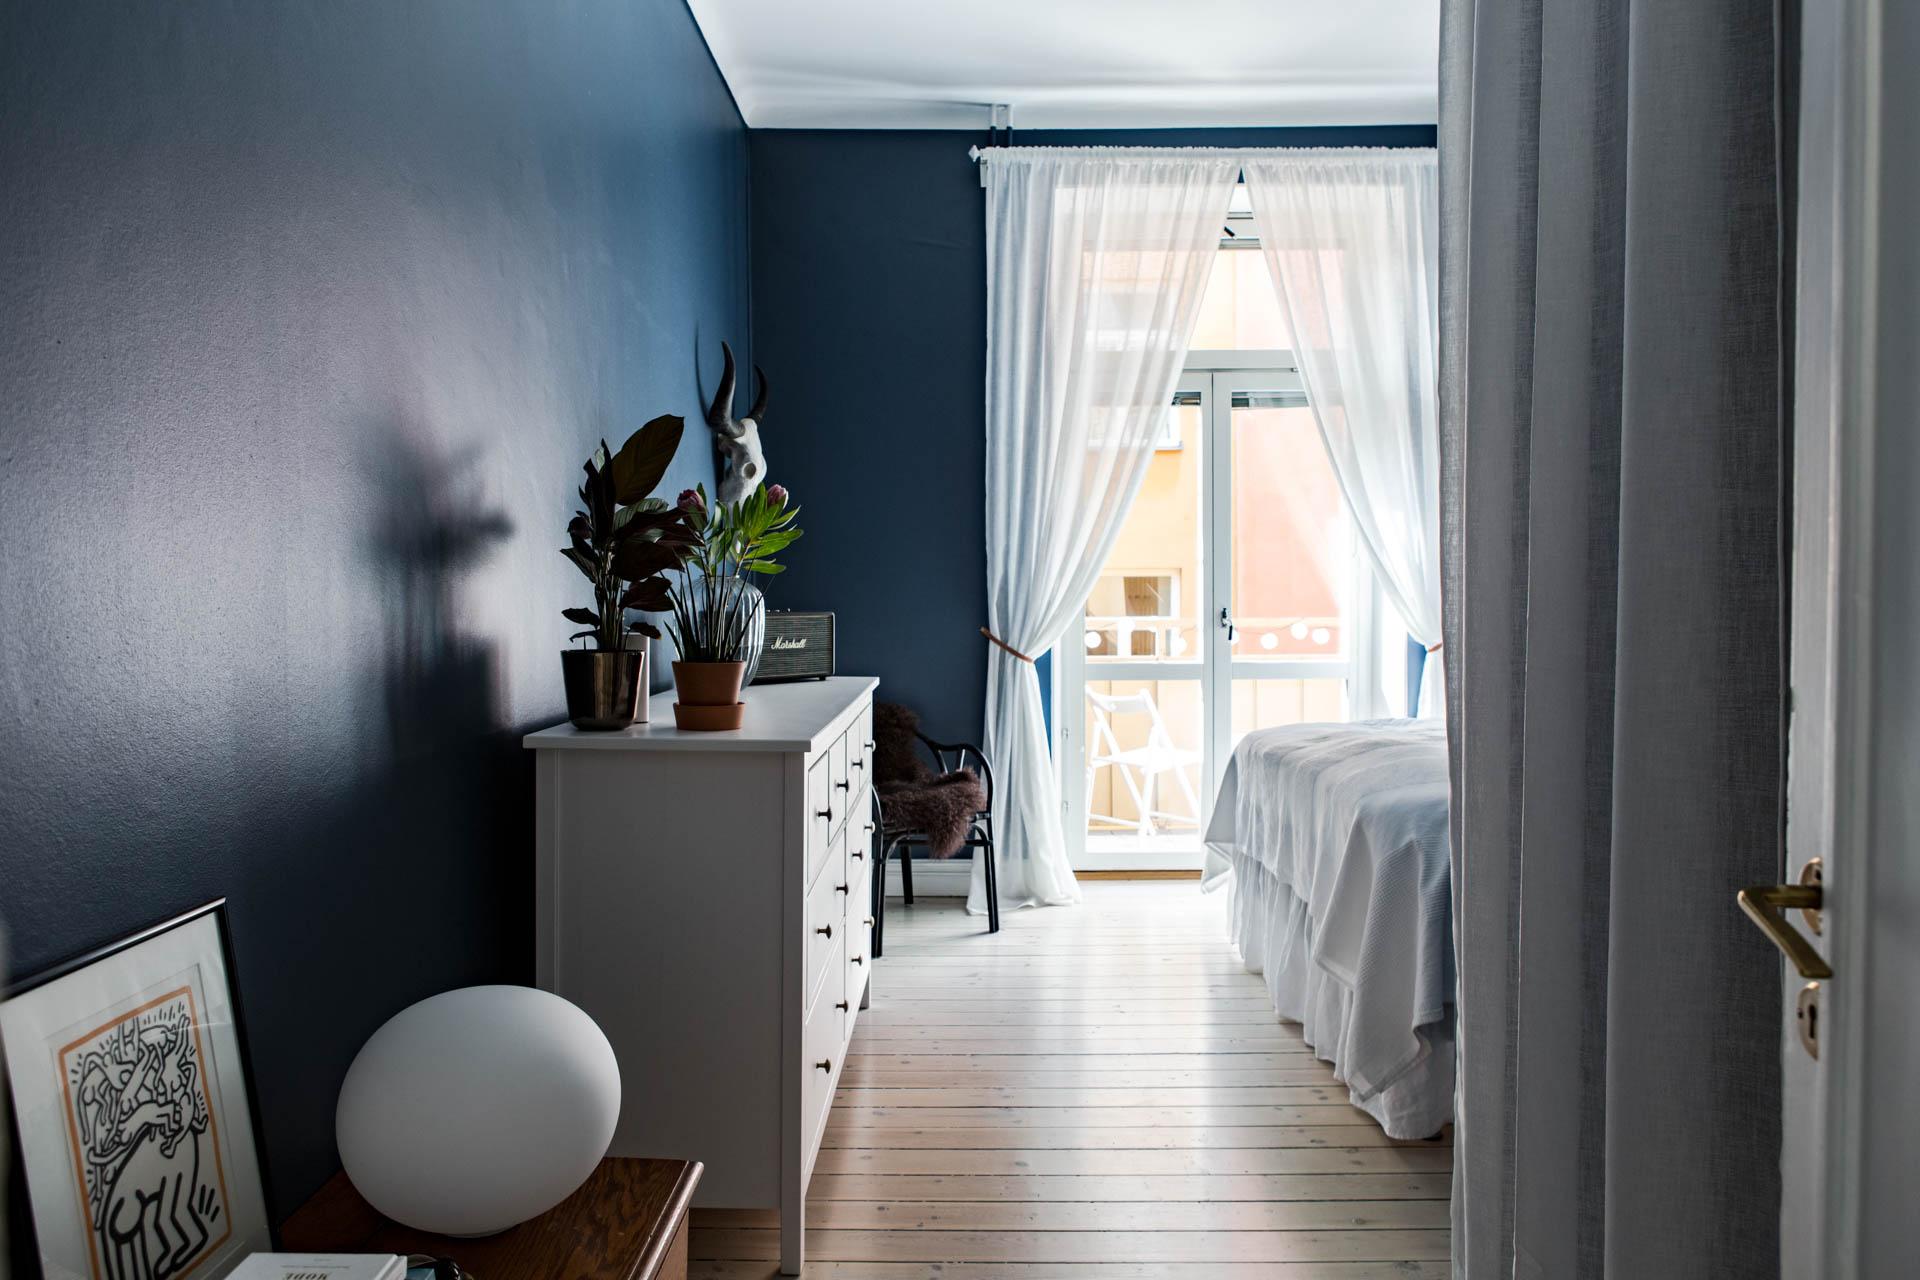 De muren in deze slaapkamer zijn blauw geschilderd!